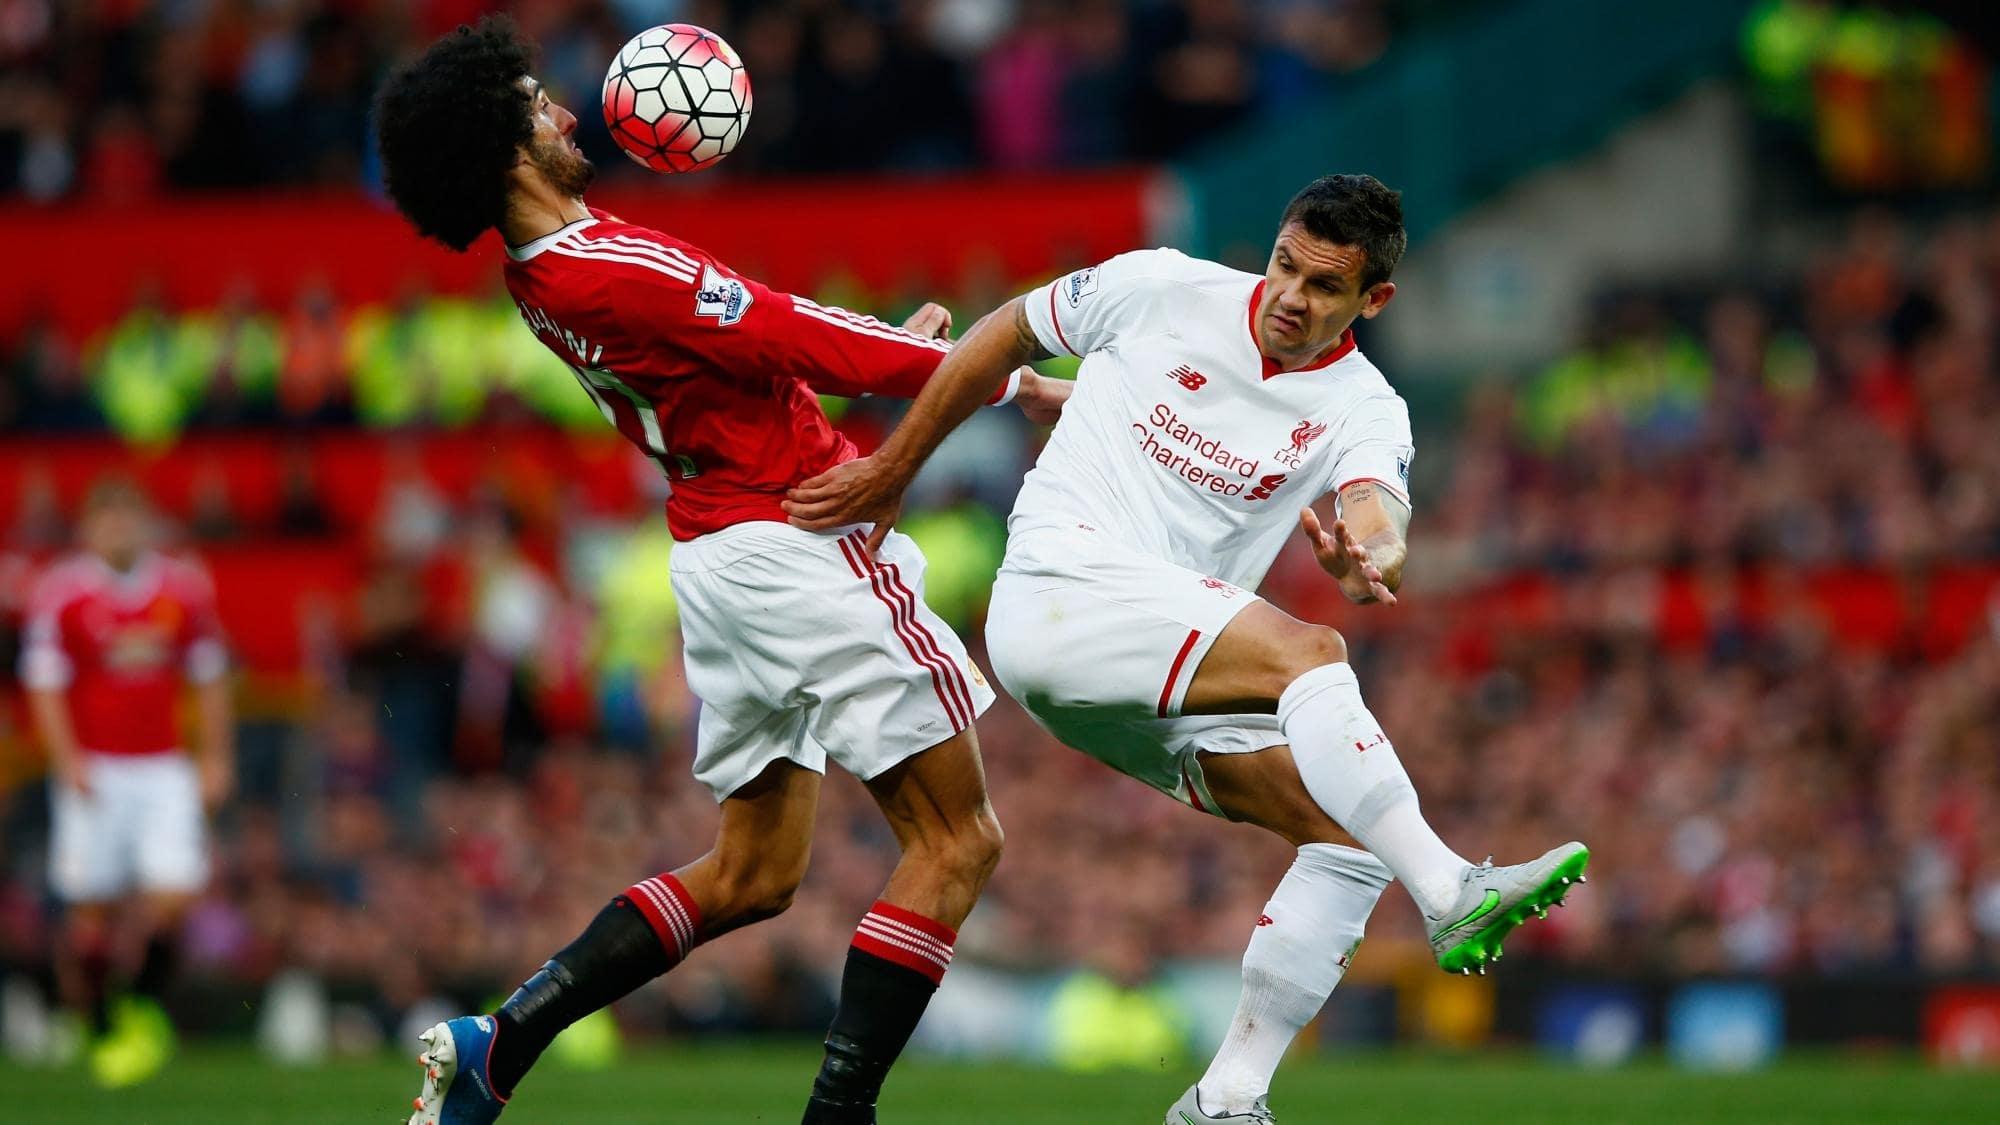 Манчестер юн ливерпуль прогнозы и ставки на игру как легально заработать в интернете отзывы